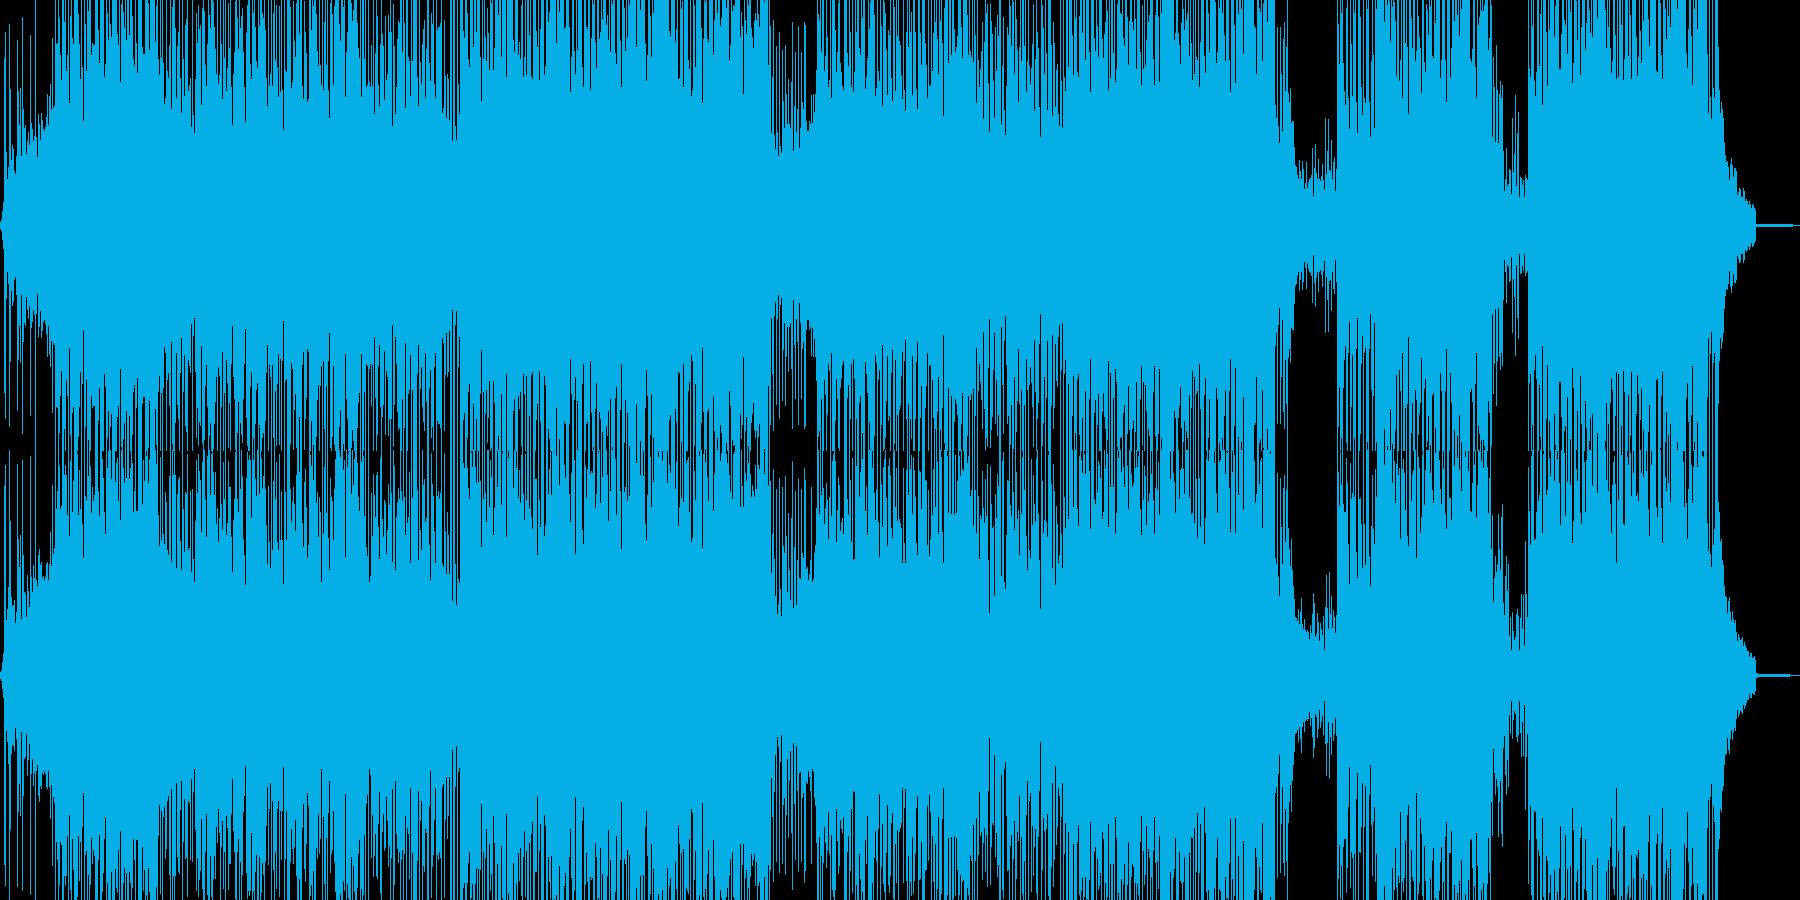 疾走感溢れるビートの再生済みの波形